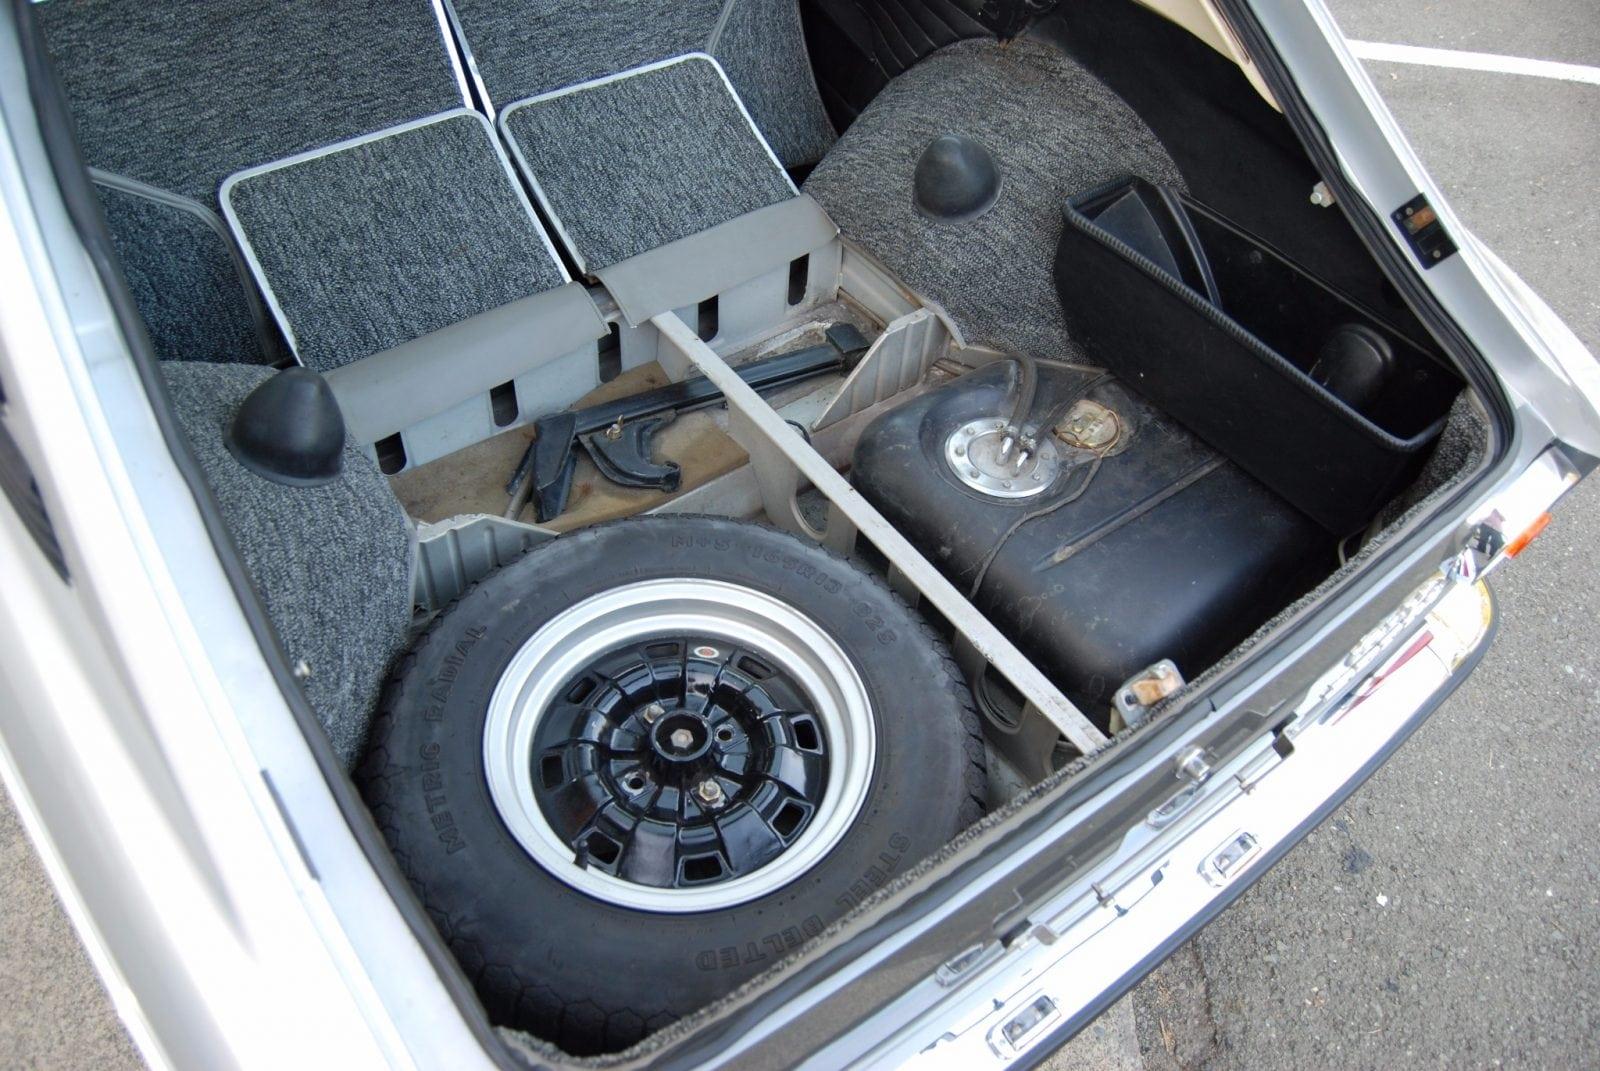 Оттюненный ALPINA BMW 2002tii Touring 1972 года продается в США